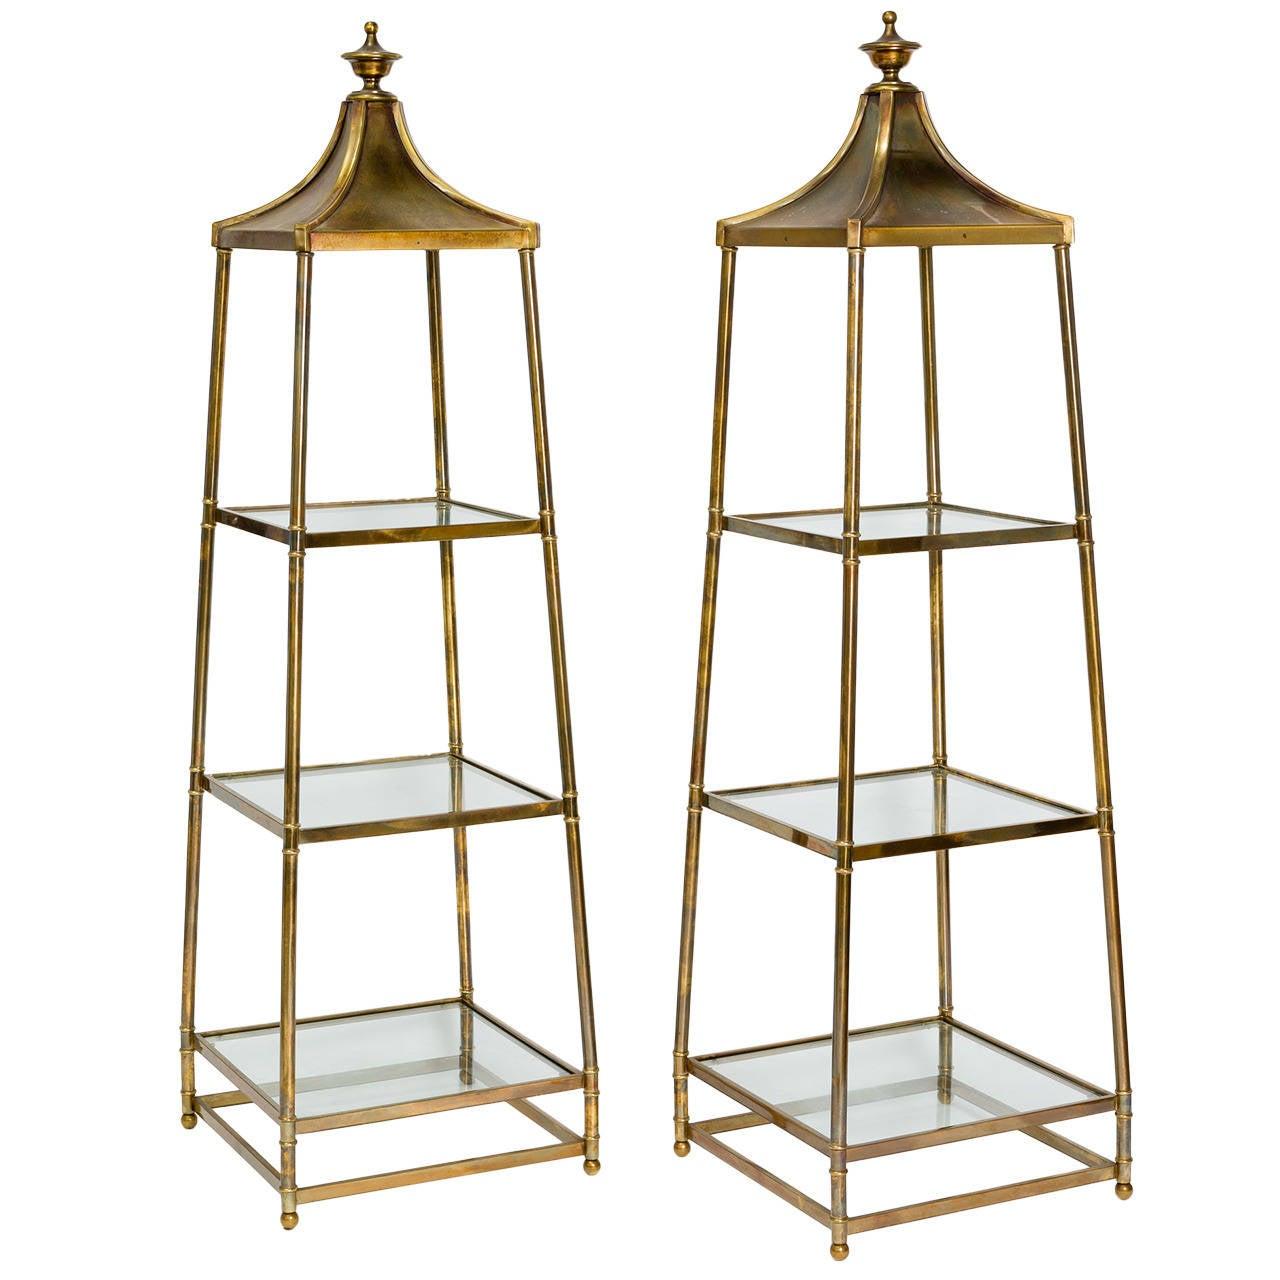 pair of mastercraft brass obelisk tag res at 1stdibs. Black Bedroom Furniture Sets. Home Design Ideas